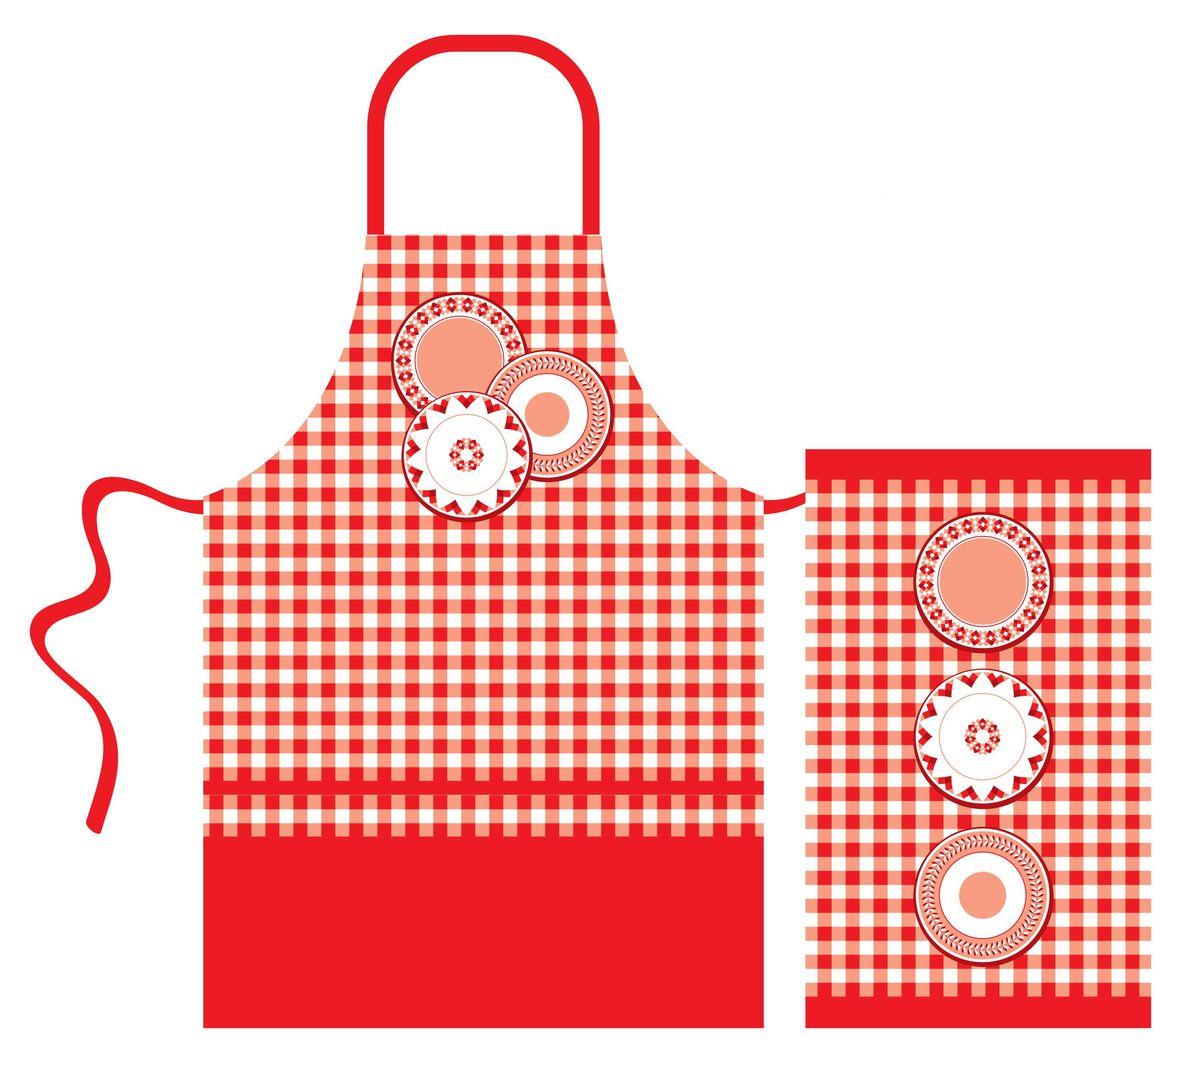 Набор кухонного текстиля Red kitchen67419Набор кухонного текстиля выполнен из хлопка и украшен ярким красно-белым принтом. 100% хлопок